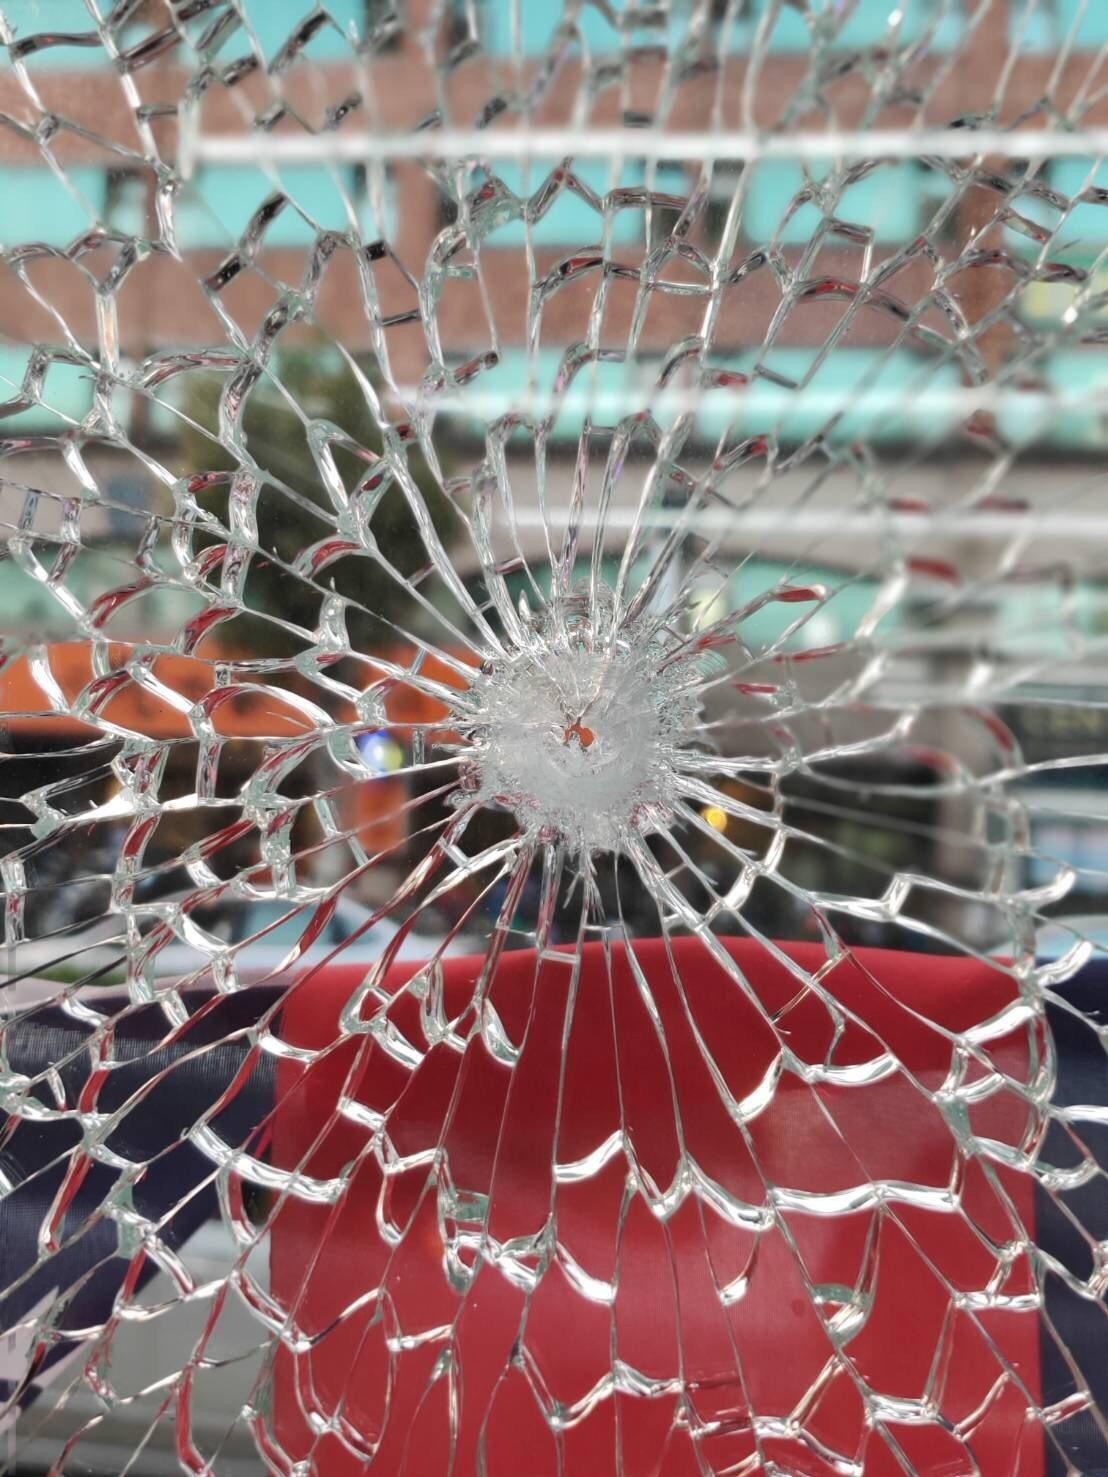 國民黨桃園市議員劉安祺服務處昨晚遭2名槍手持空氣槍射擊,現場遺留彈擊痕跡。圖/劉...